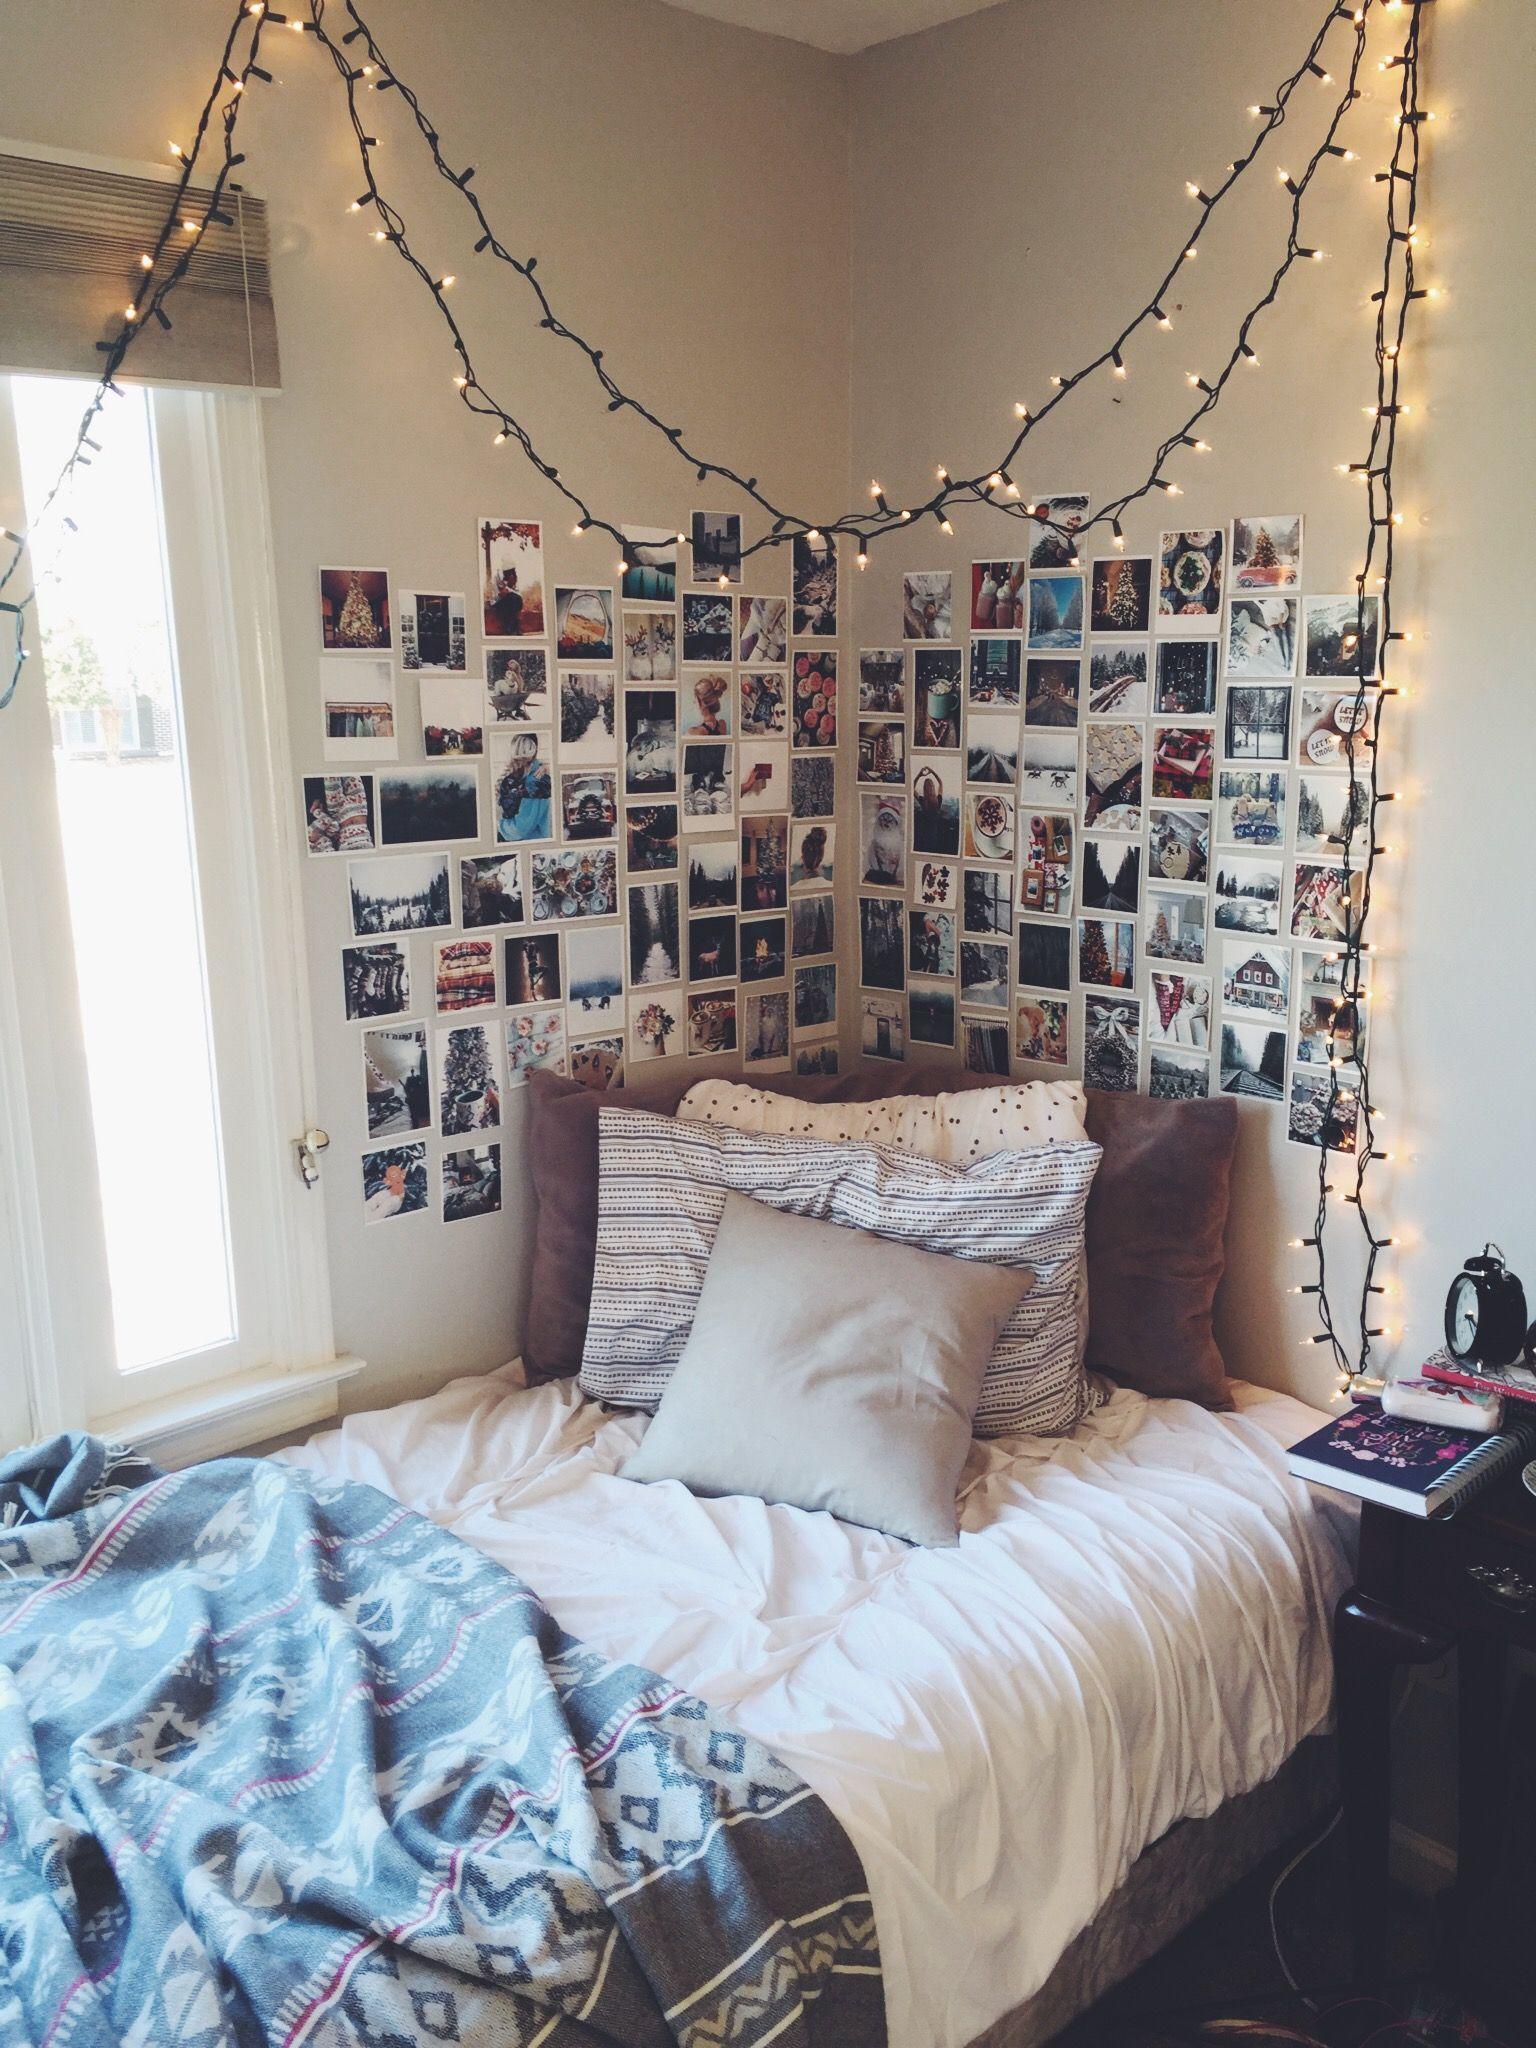 Pin In 2020 Zimmer Einrichten Zimmer Dekoration Diy Tumblr